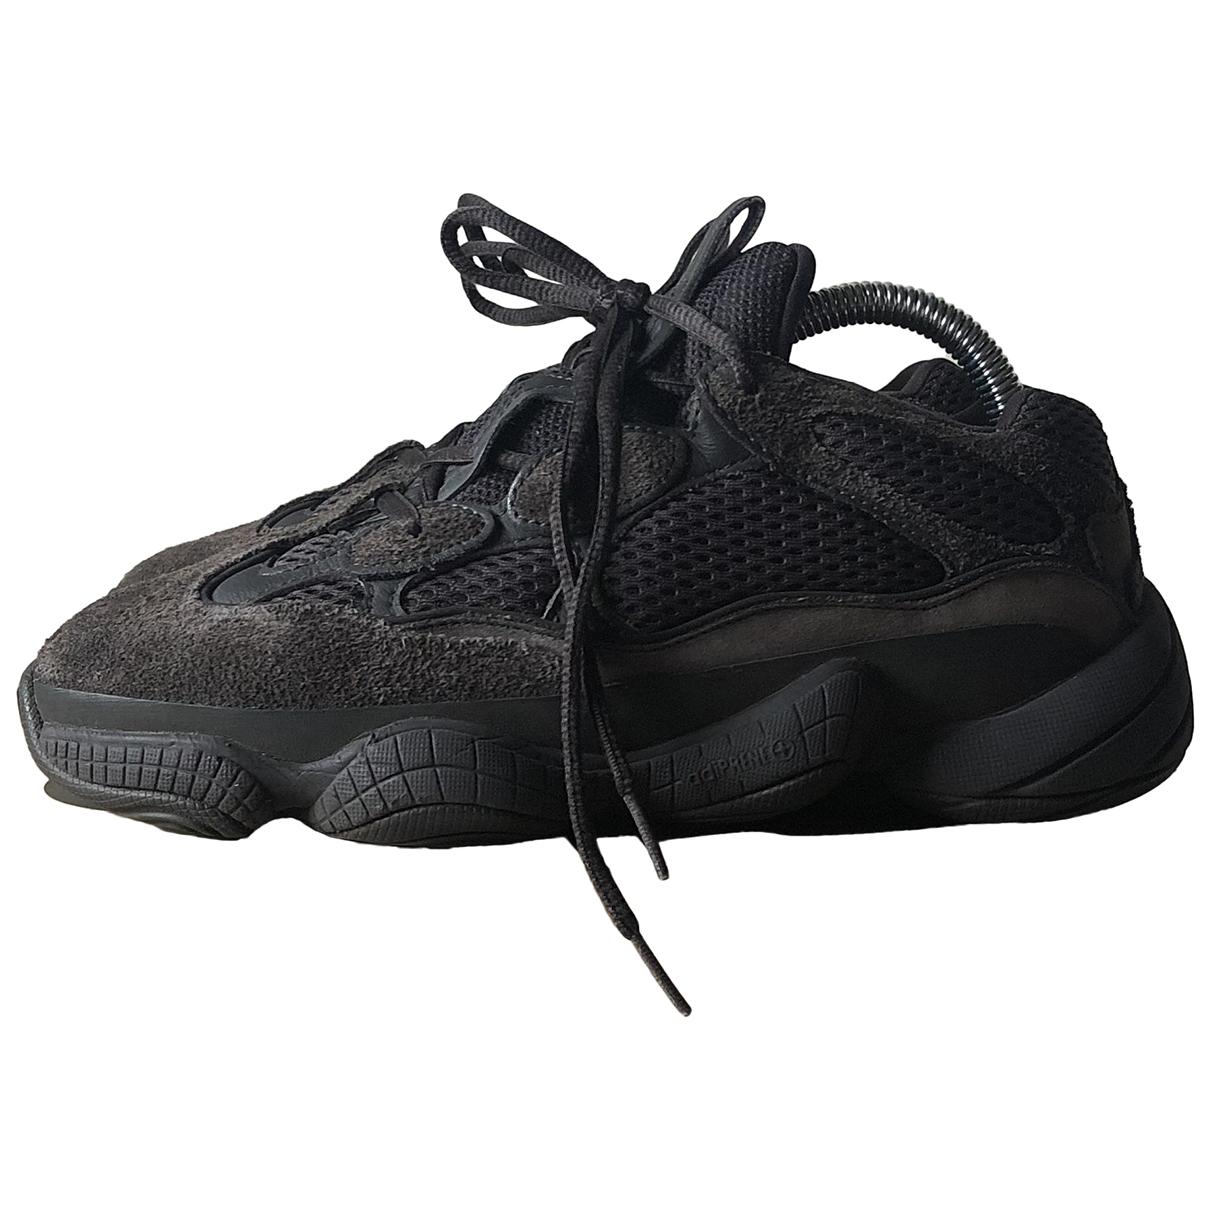 Yeezy X Adidas - Baskets 500 pour femme en suede - noir